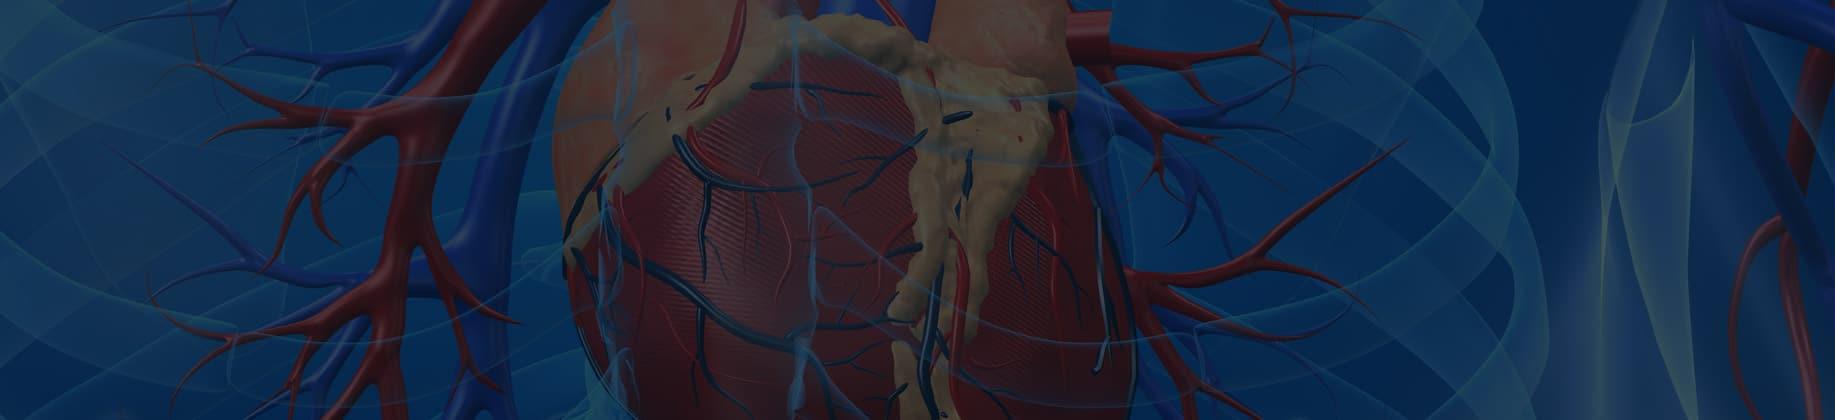 Człowiek – układ krążenia i odporność (3L)